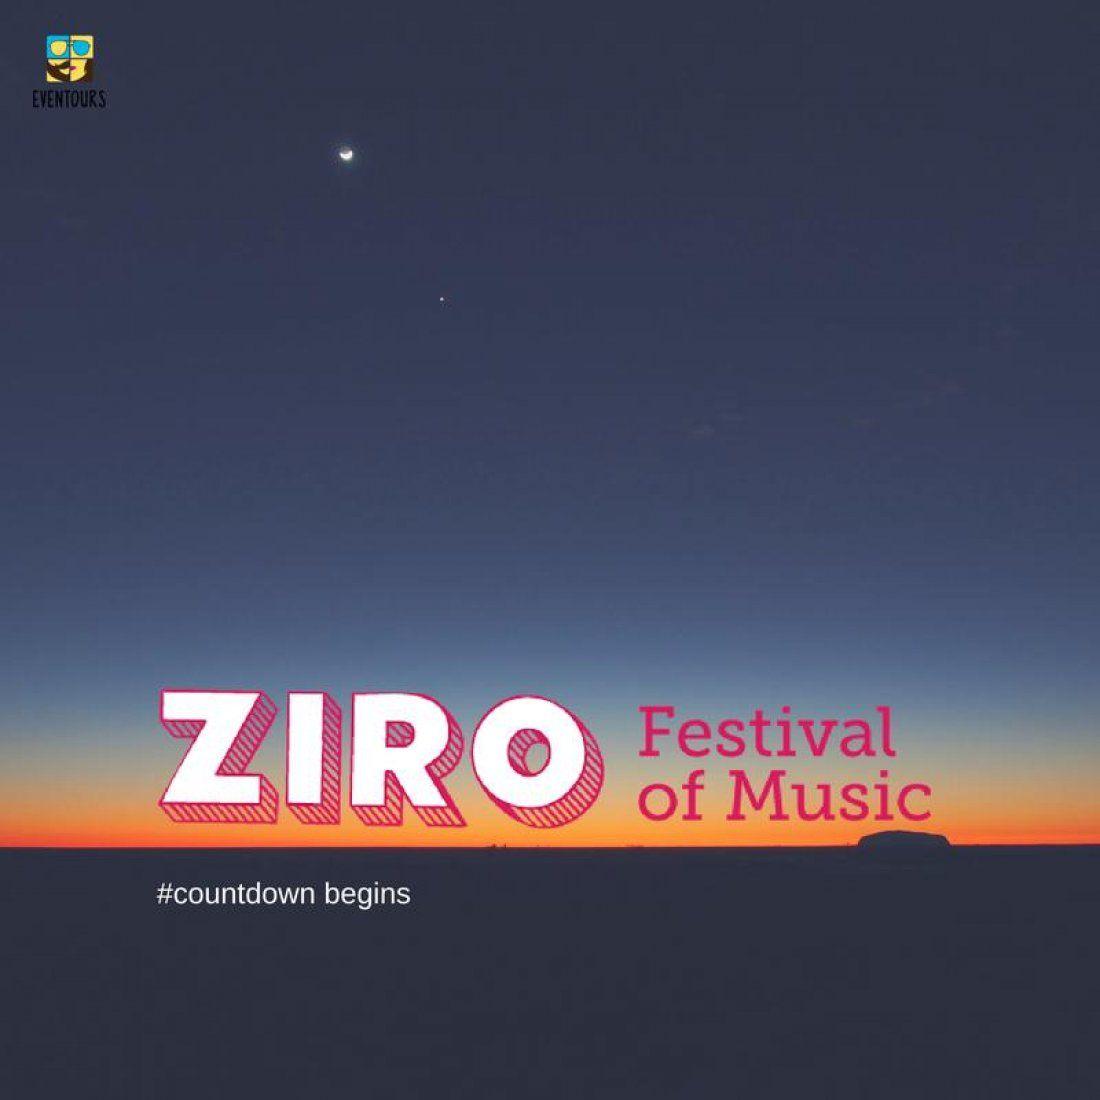 Ziro Music Festival 2018 - One Detour